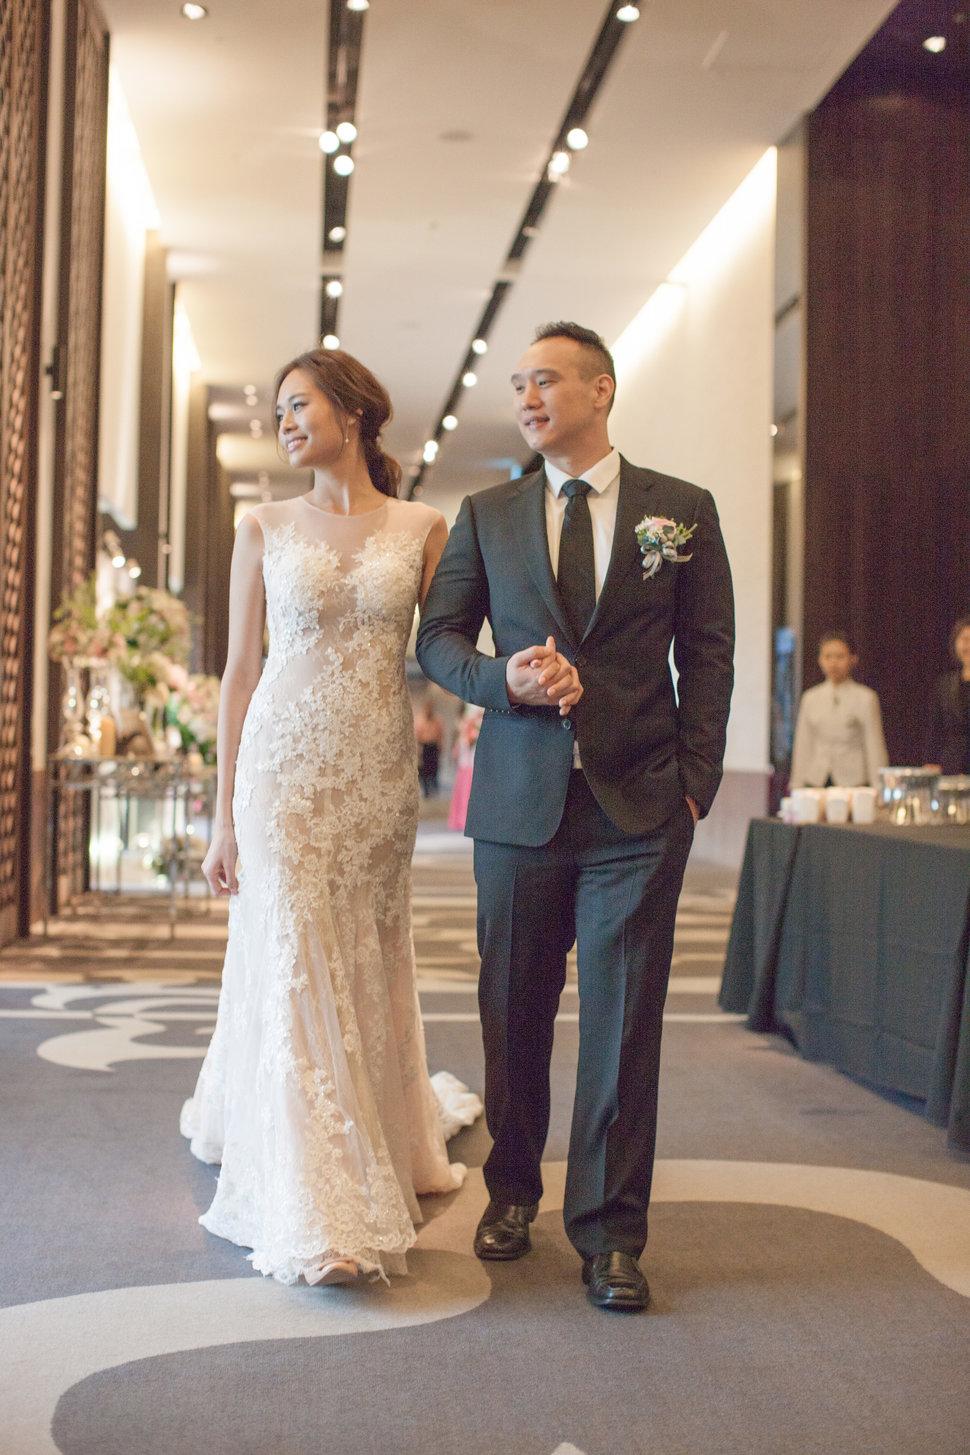 3g8y3552_38242548901_o - Leo影像 - 結婚吧